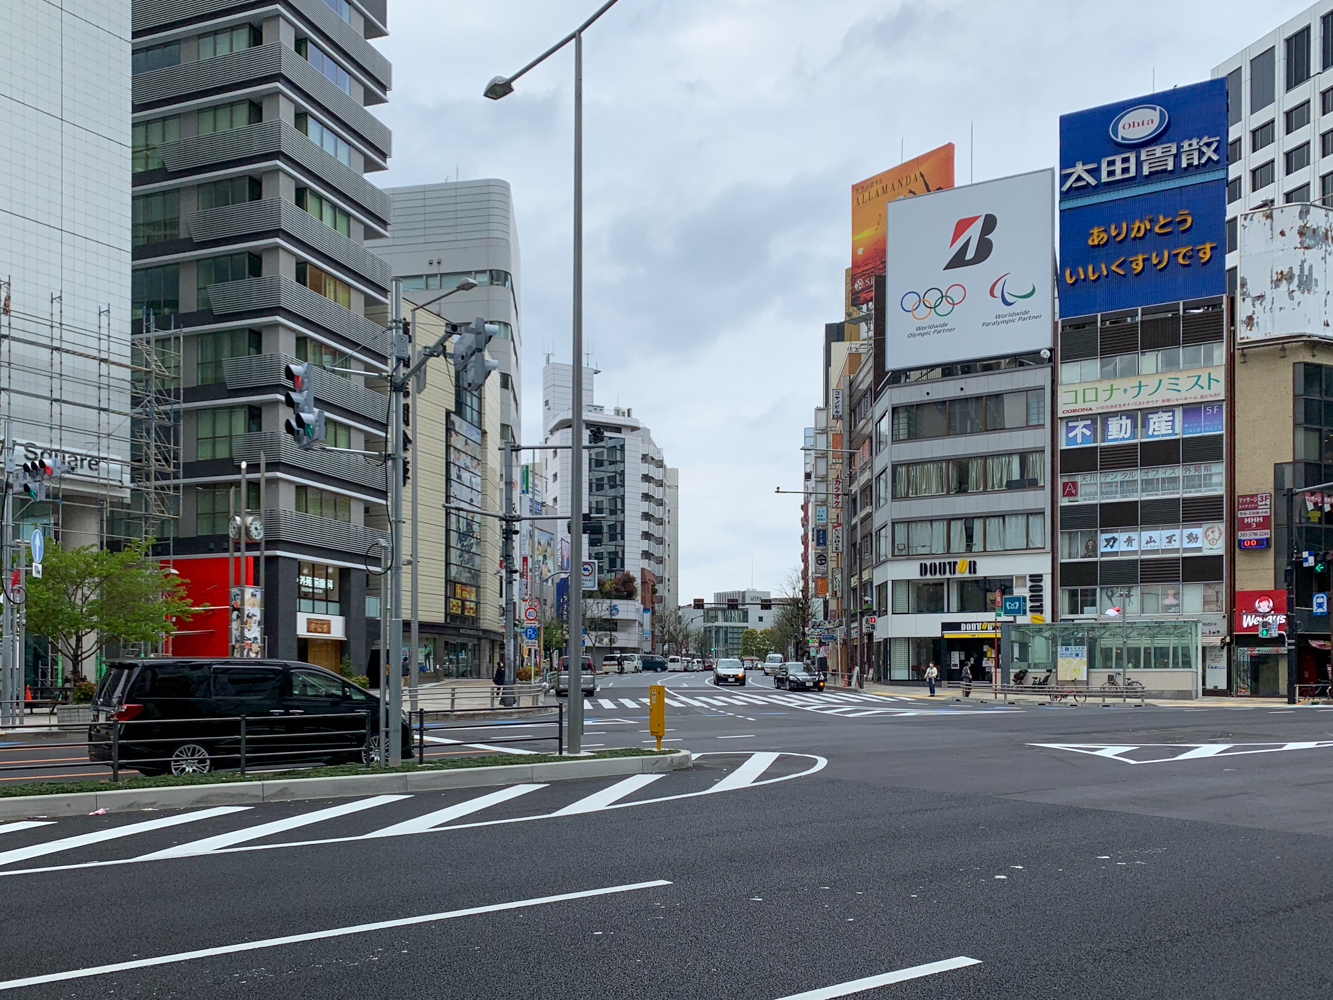 f:id:kakijiro:20200430125524j:plain